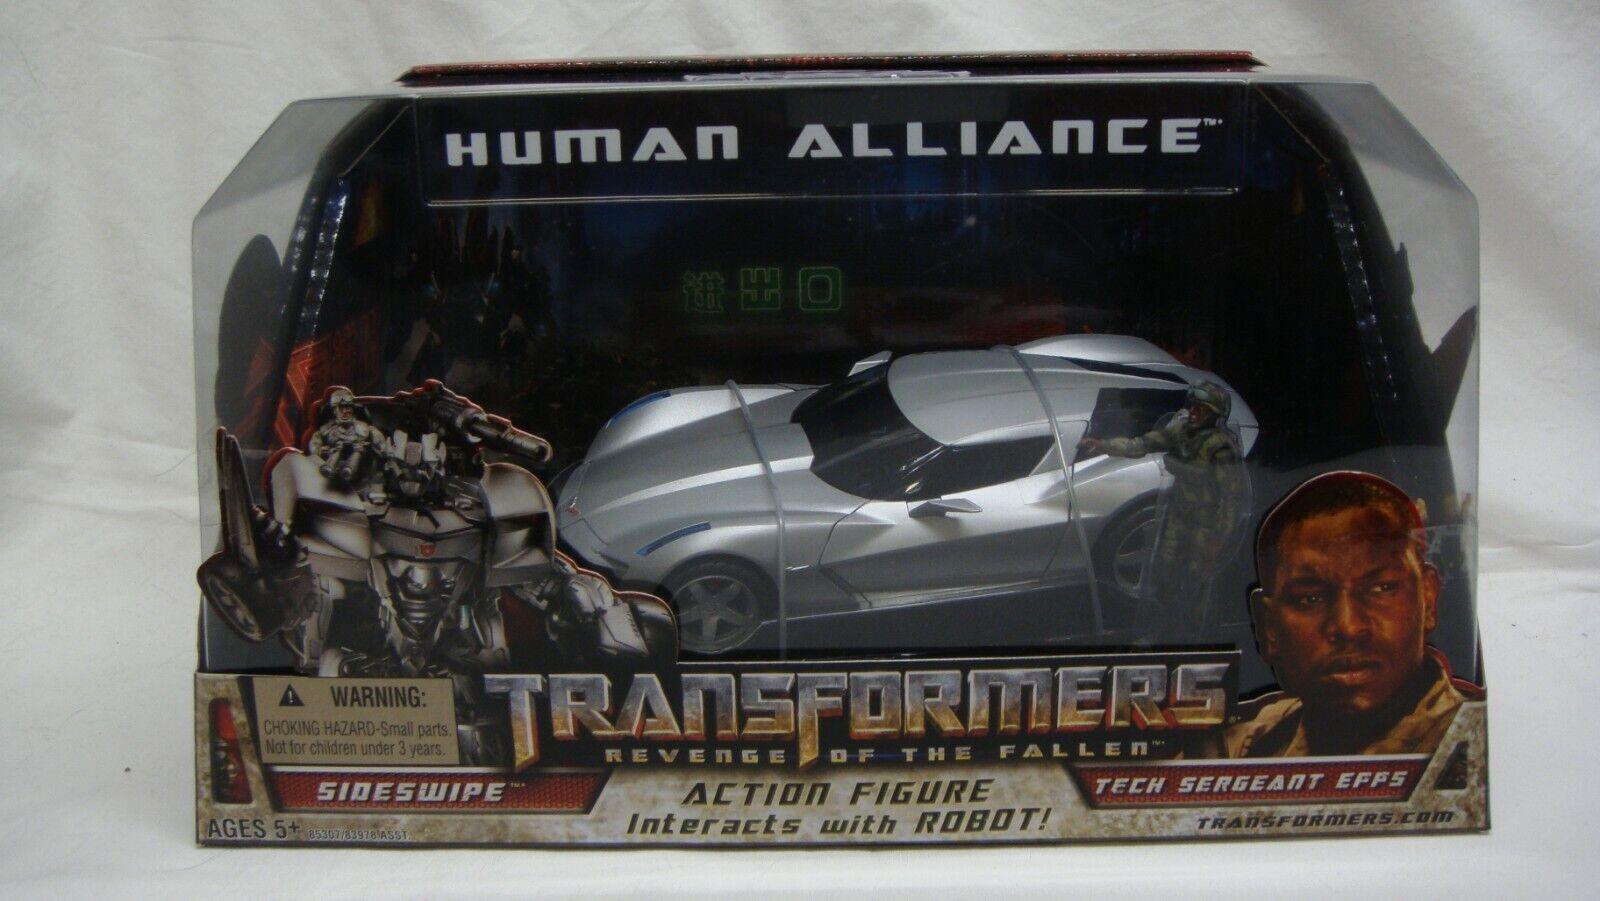 Transformers la venganza de los caídos Alianza Humana Sideswipe Tech Splata Epps Nuevo Sellado Raro